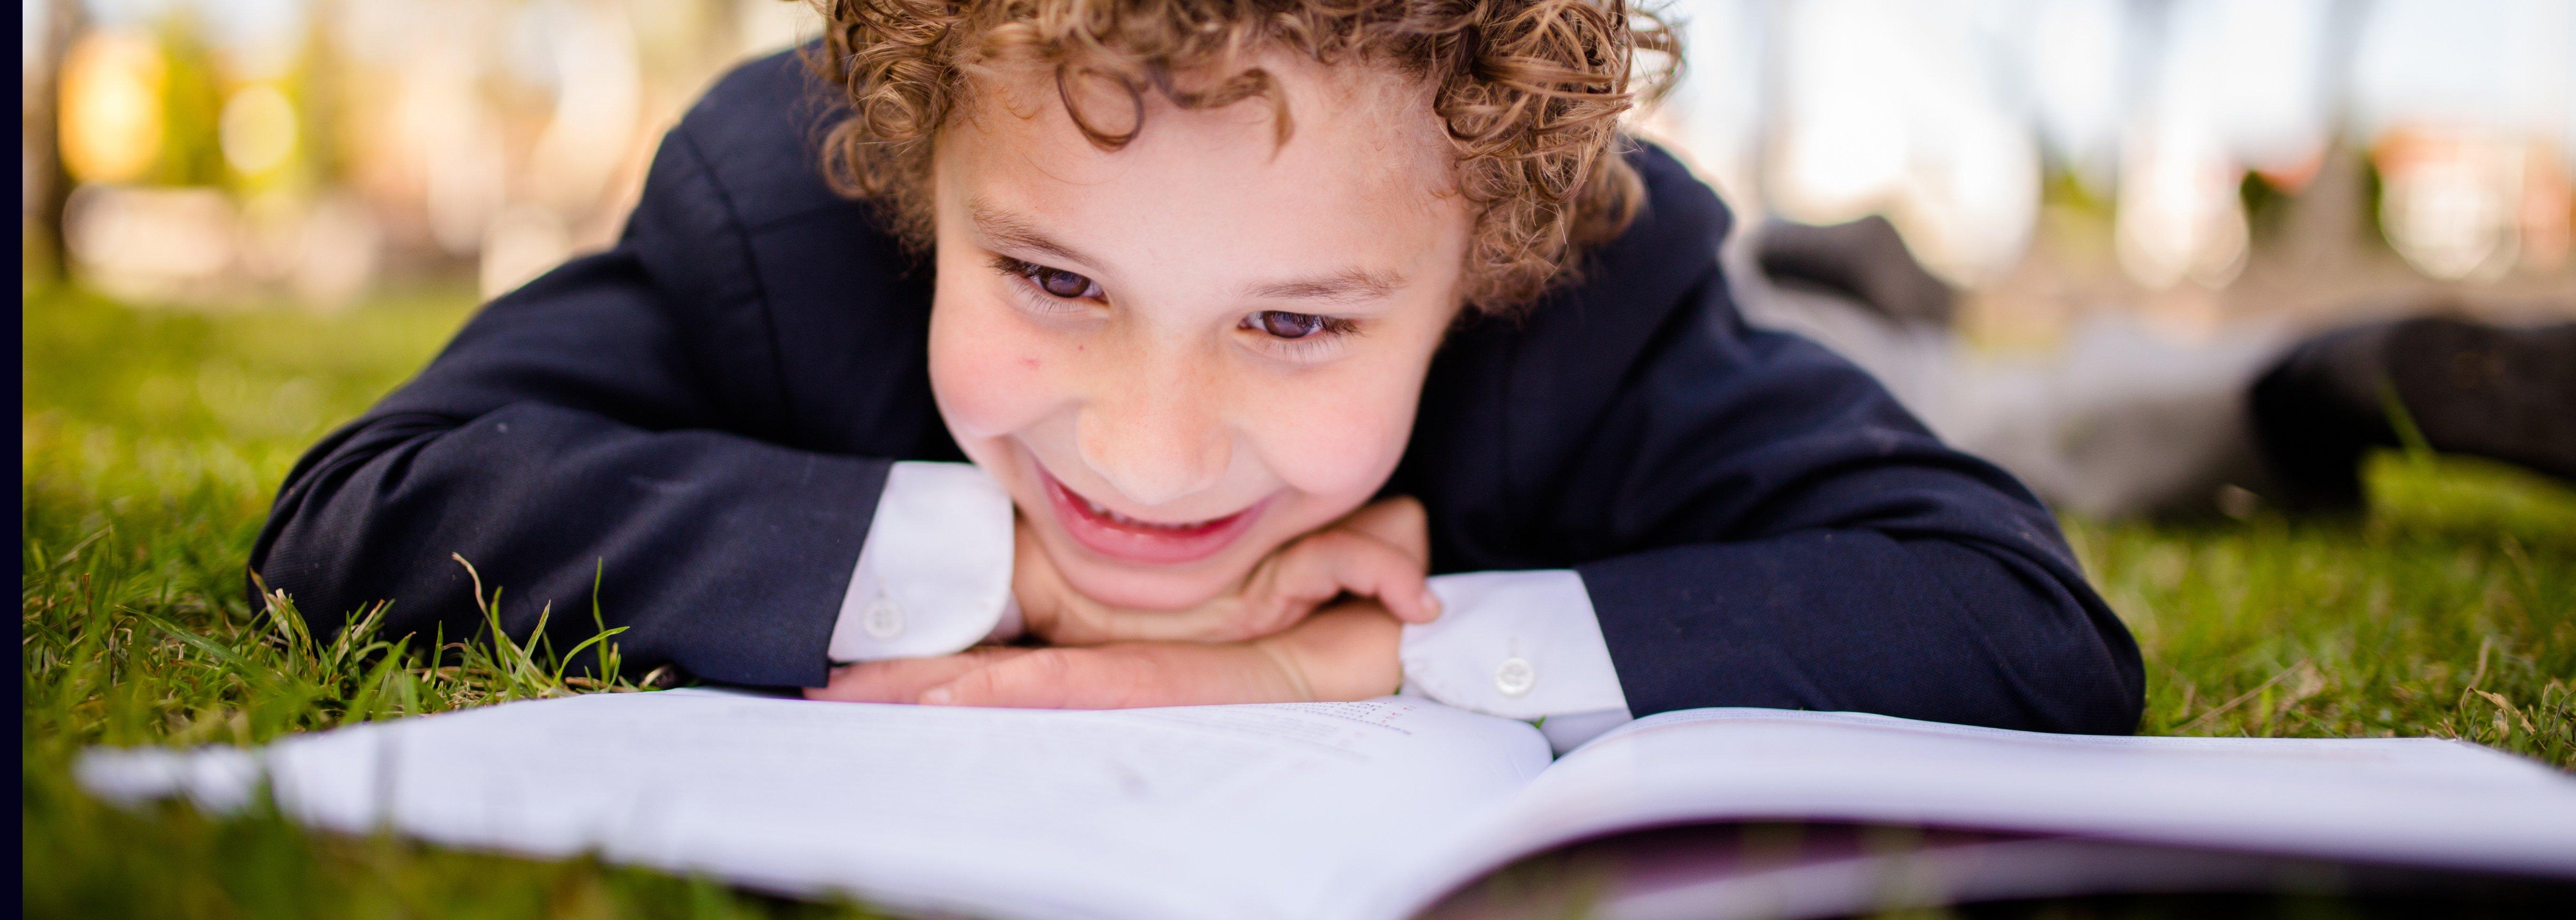 mejores-colegios-de-san-luis-tres-aliados-de-la-lectura.jpg